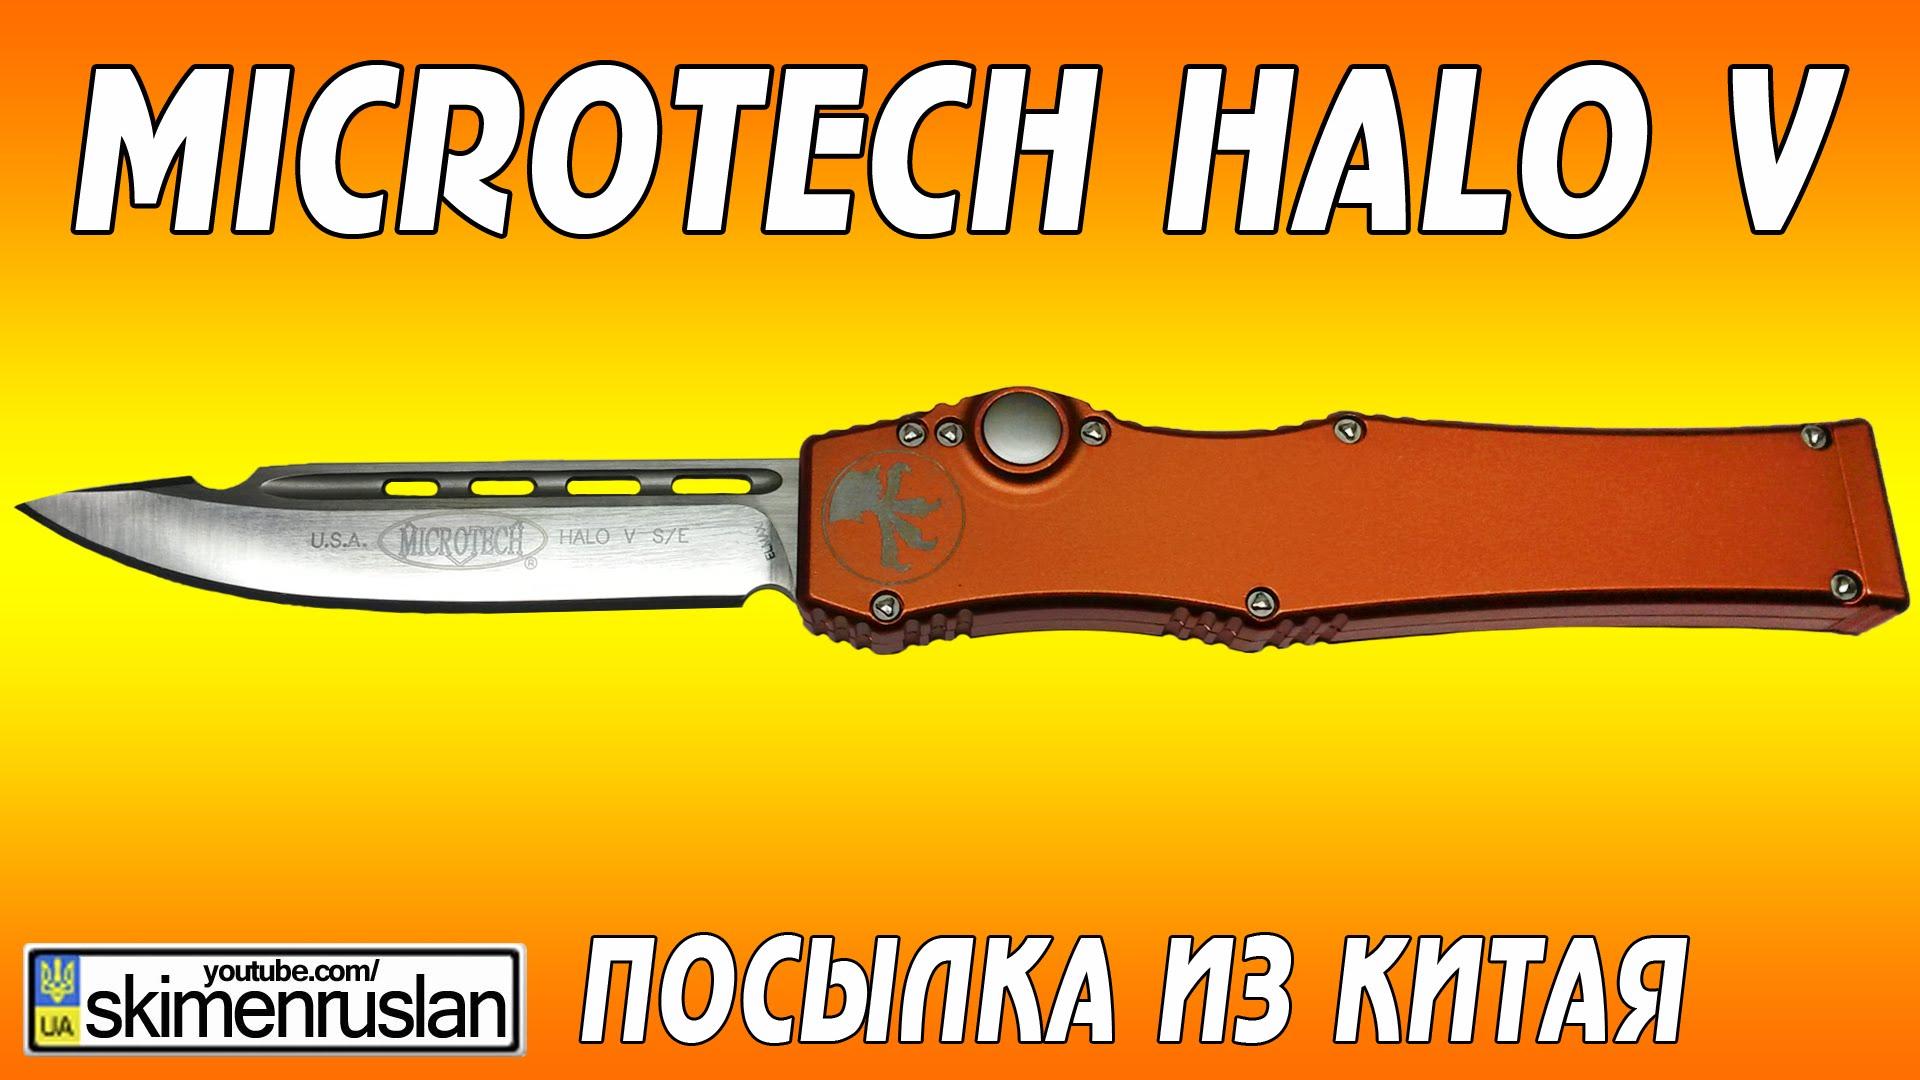 Microtech HALO V Vespa